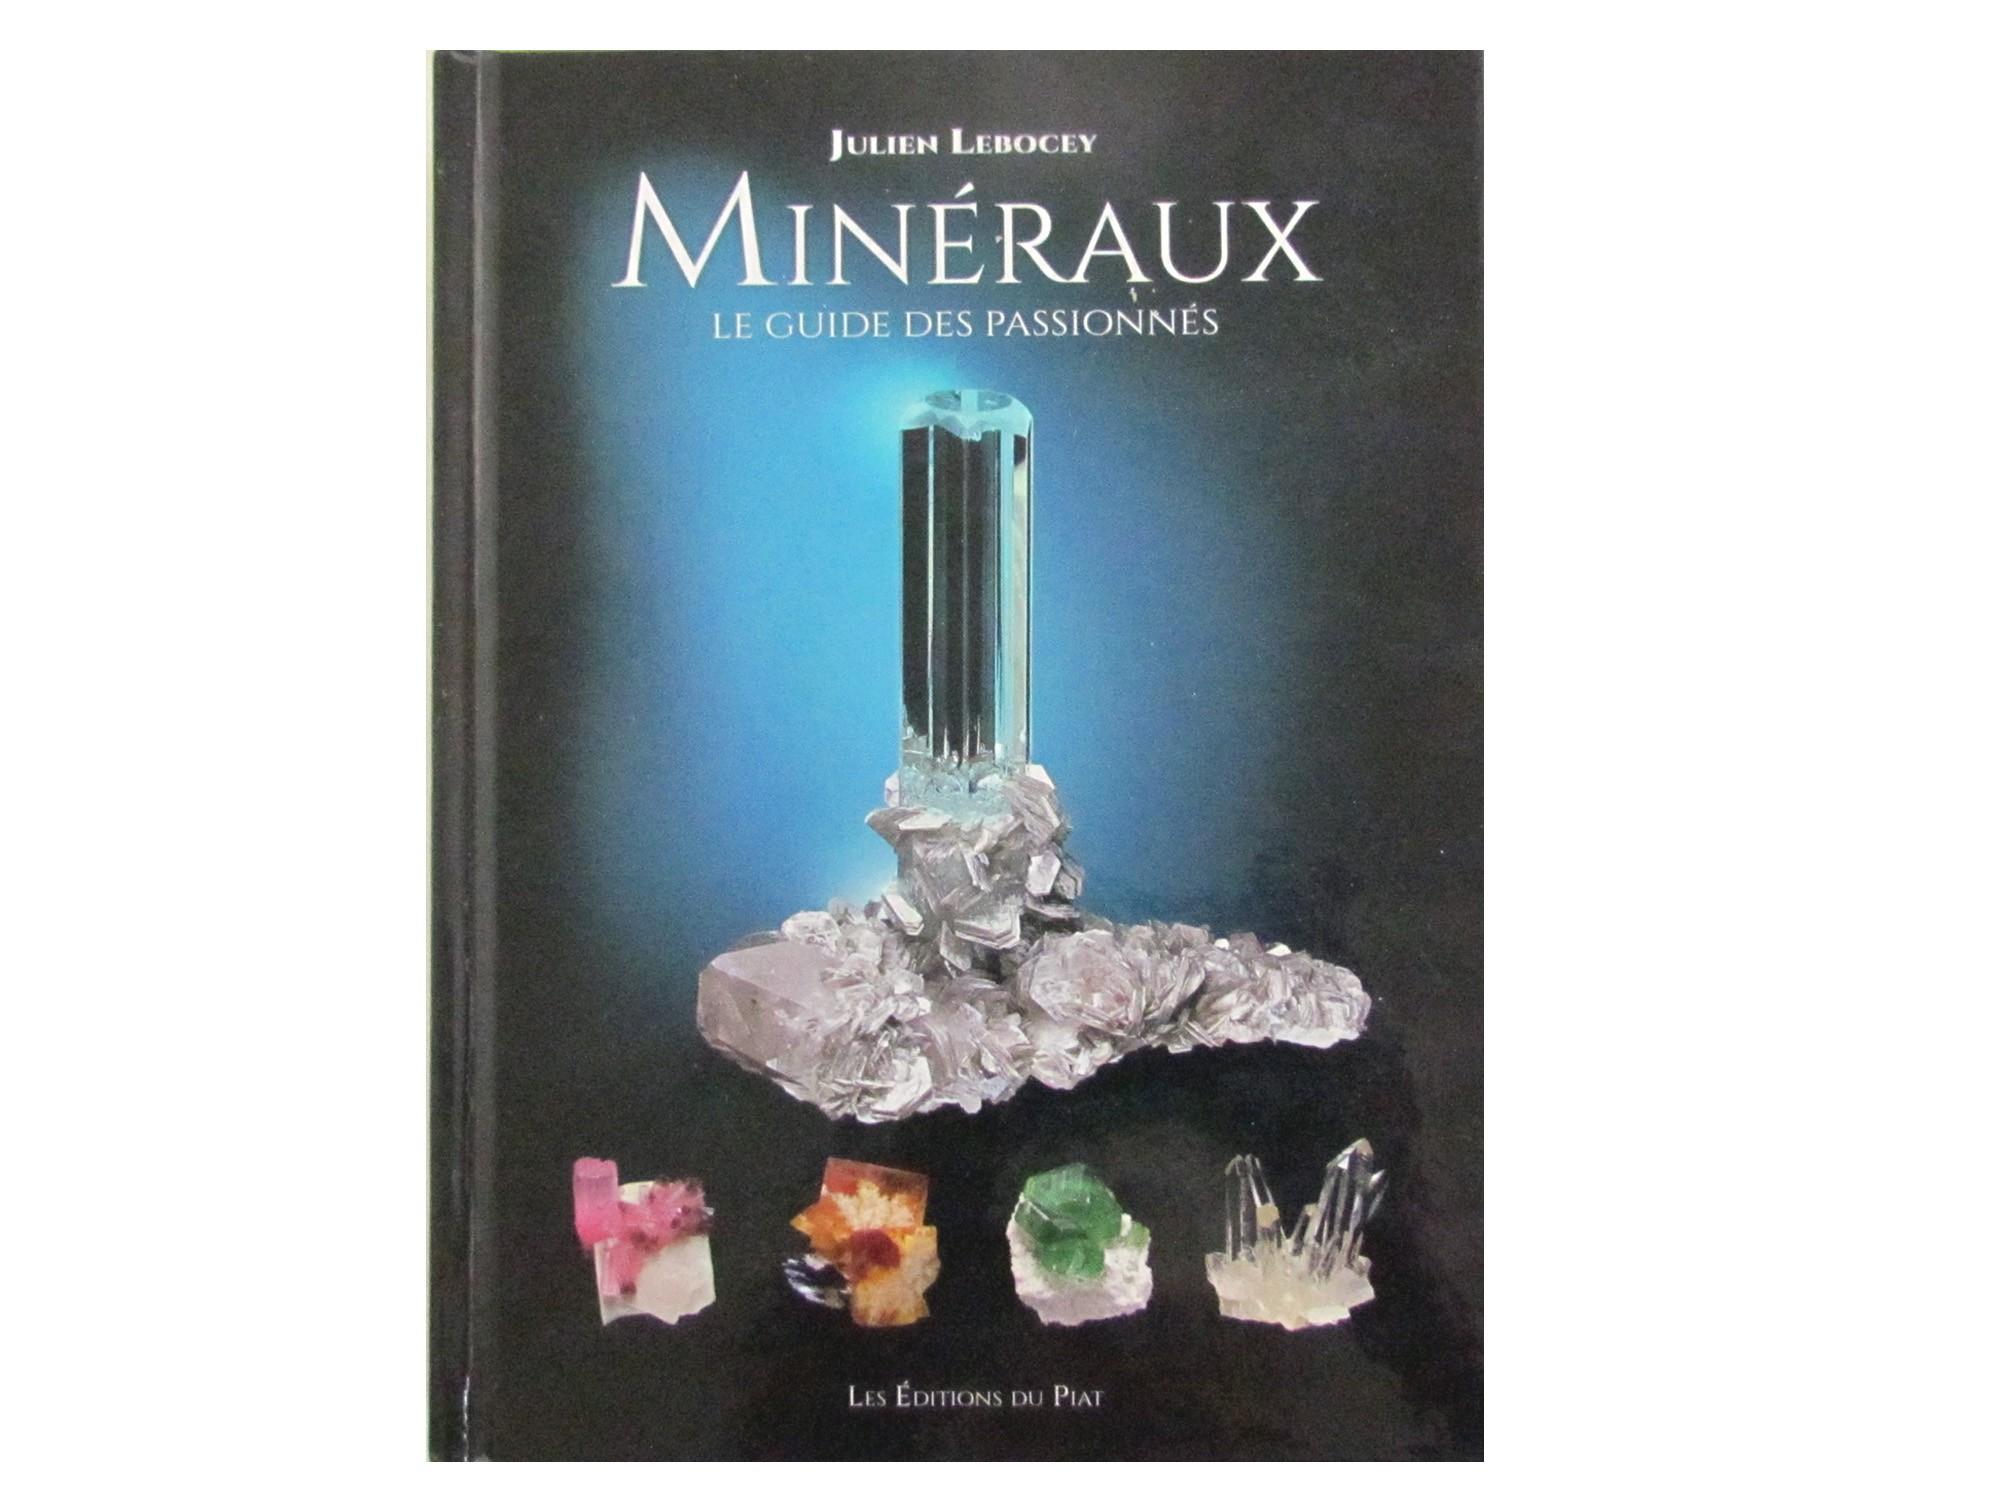 MINERAUX - Le guide des passionnés de Julien Lebocey